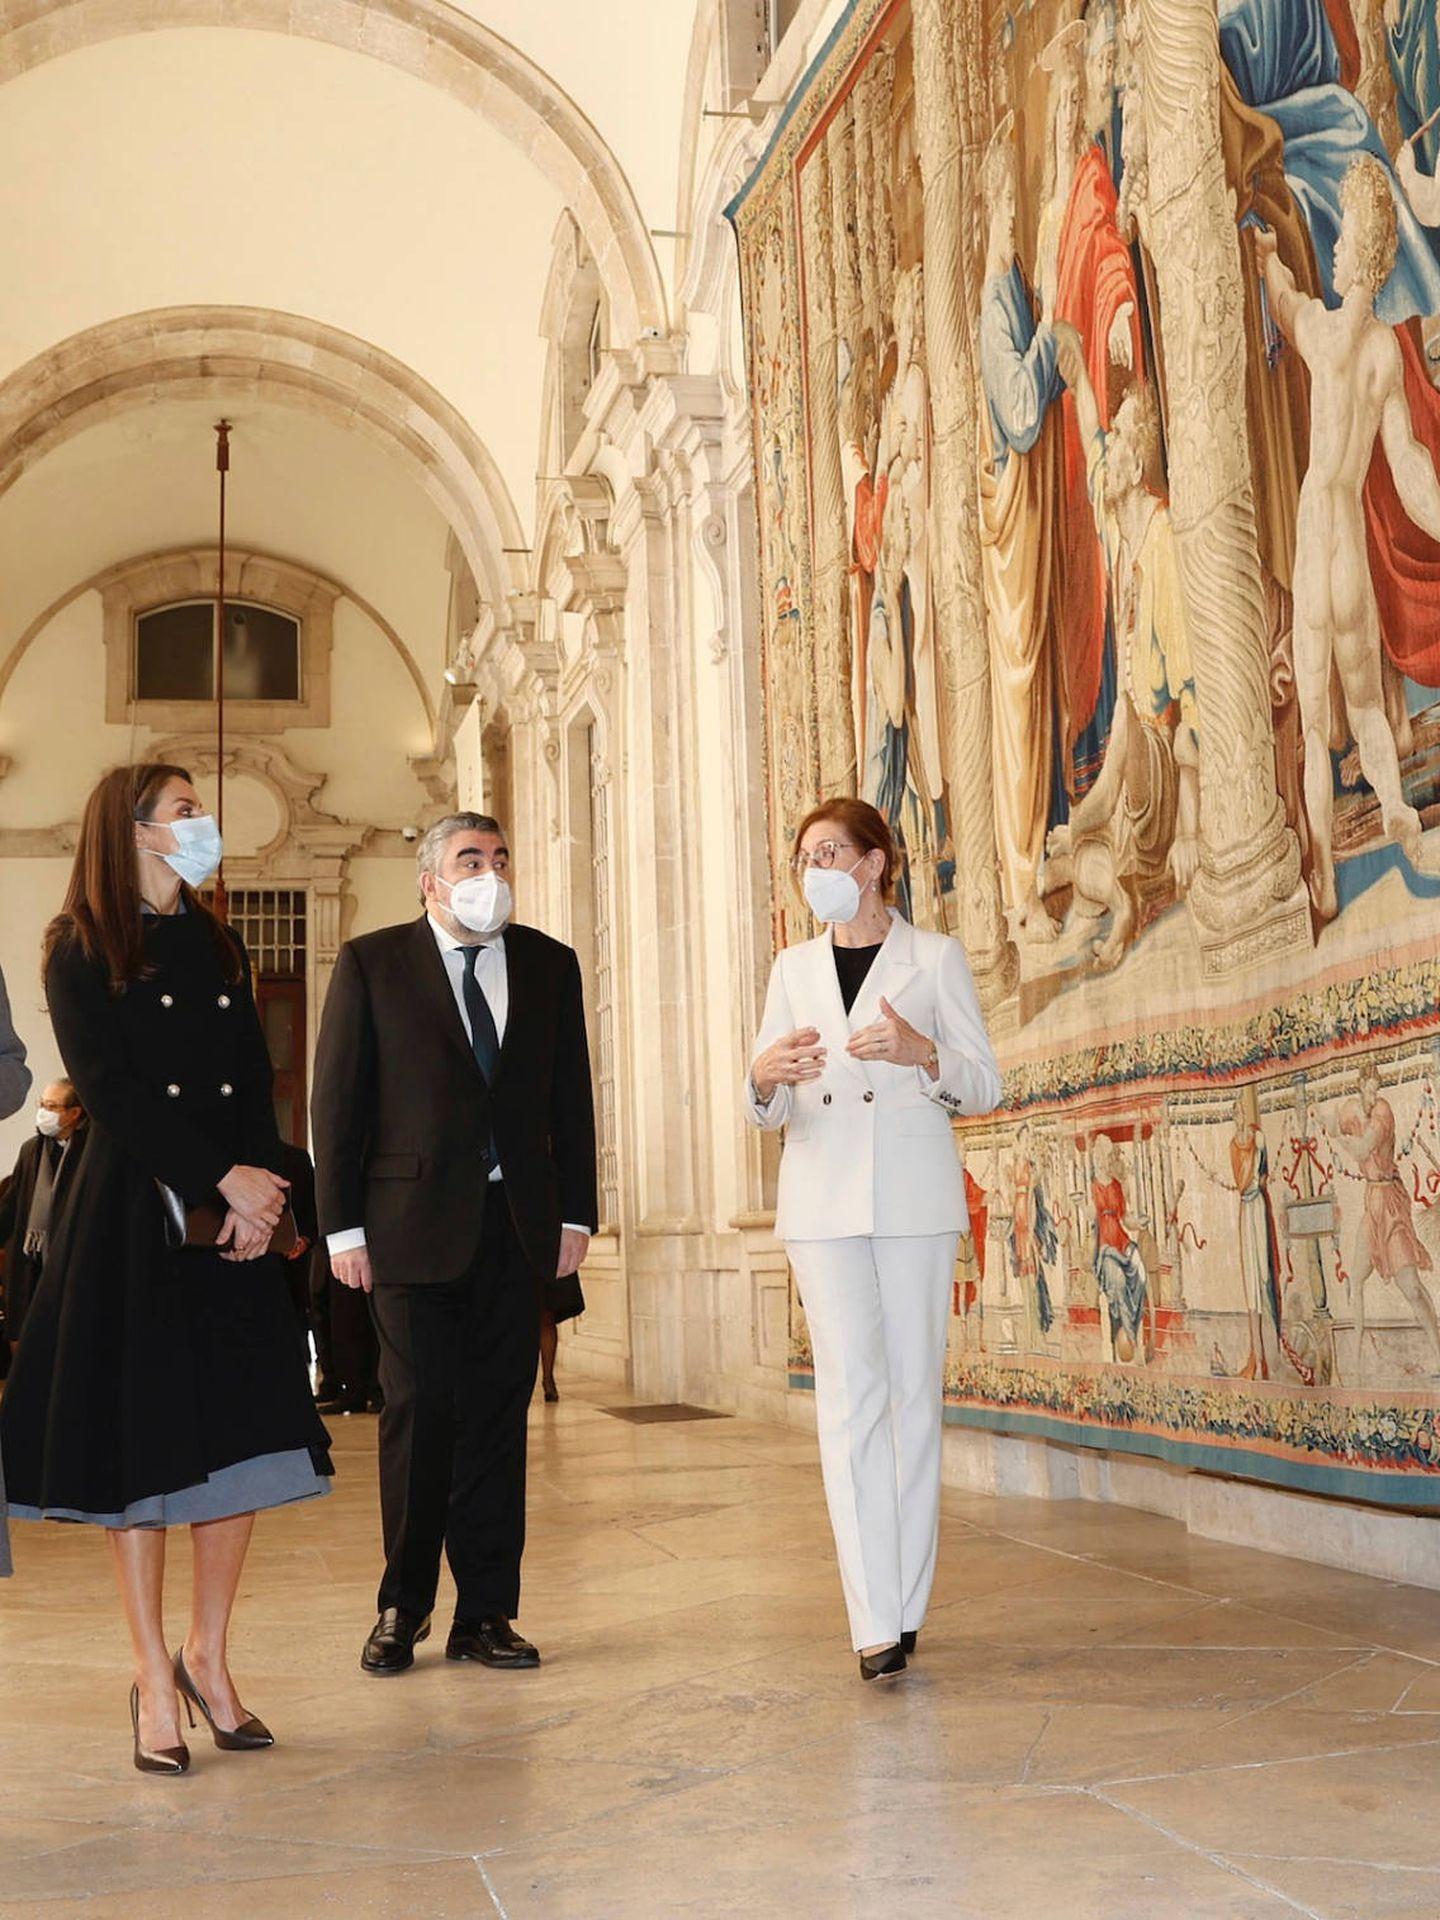 La reina Letizia, en el Palacio Real. (LP)